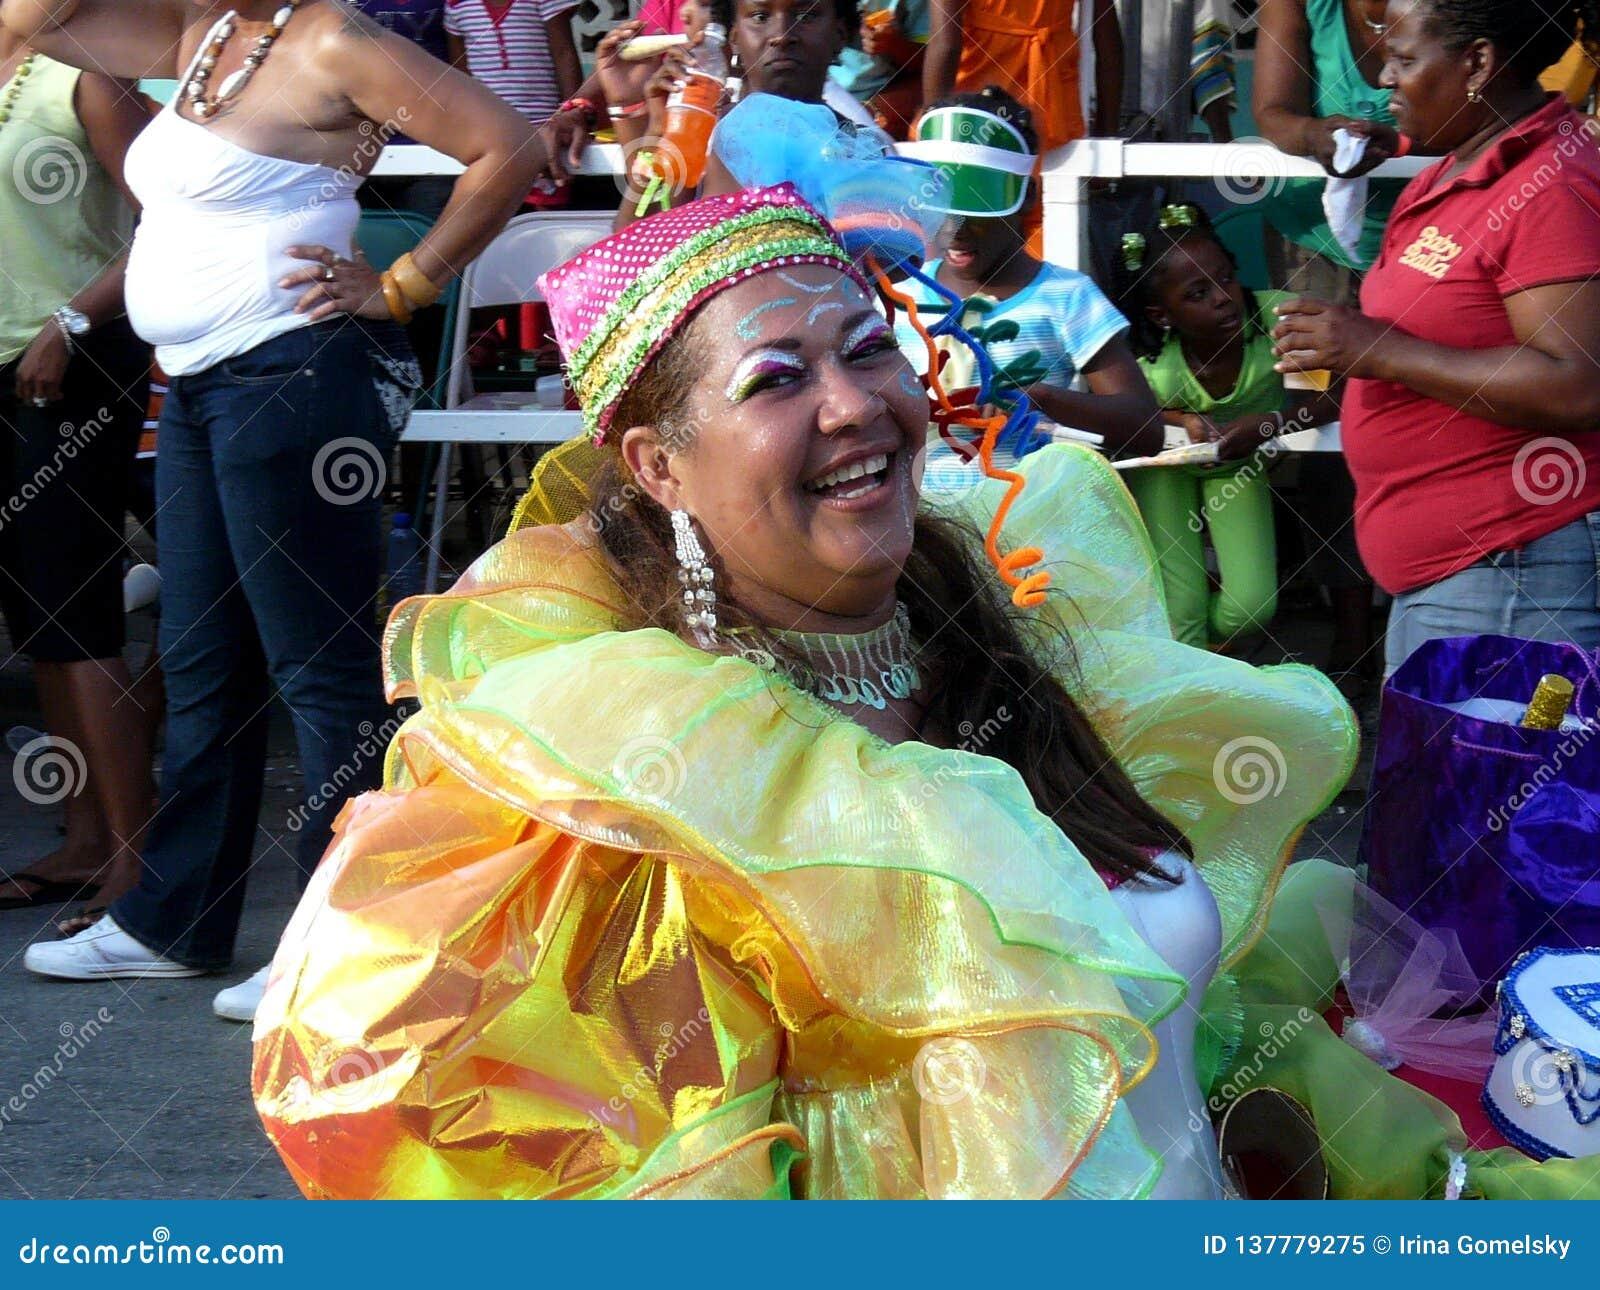 Un résident gai du Curaçao au carnaval 3 février 2008